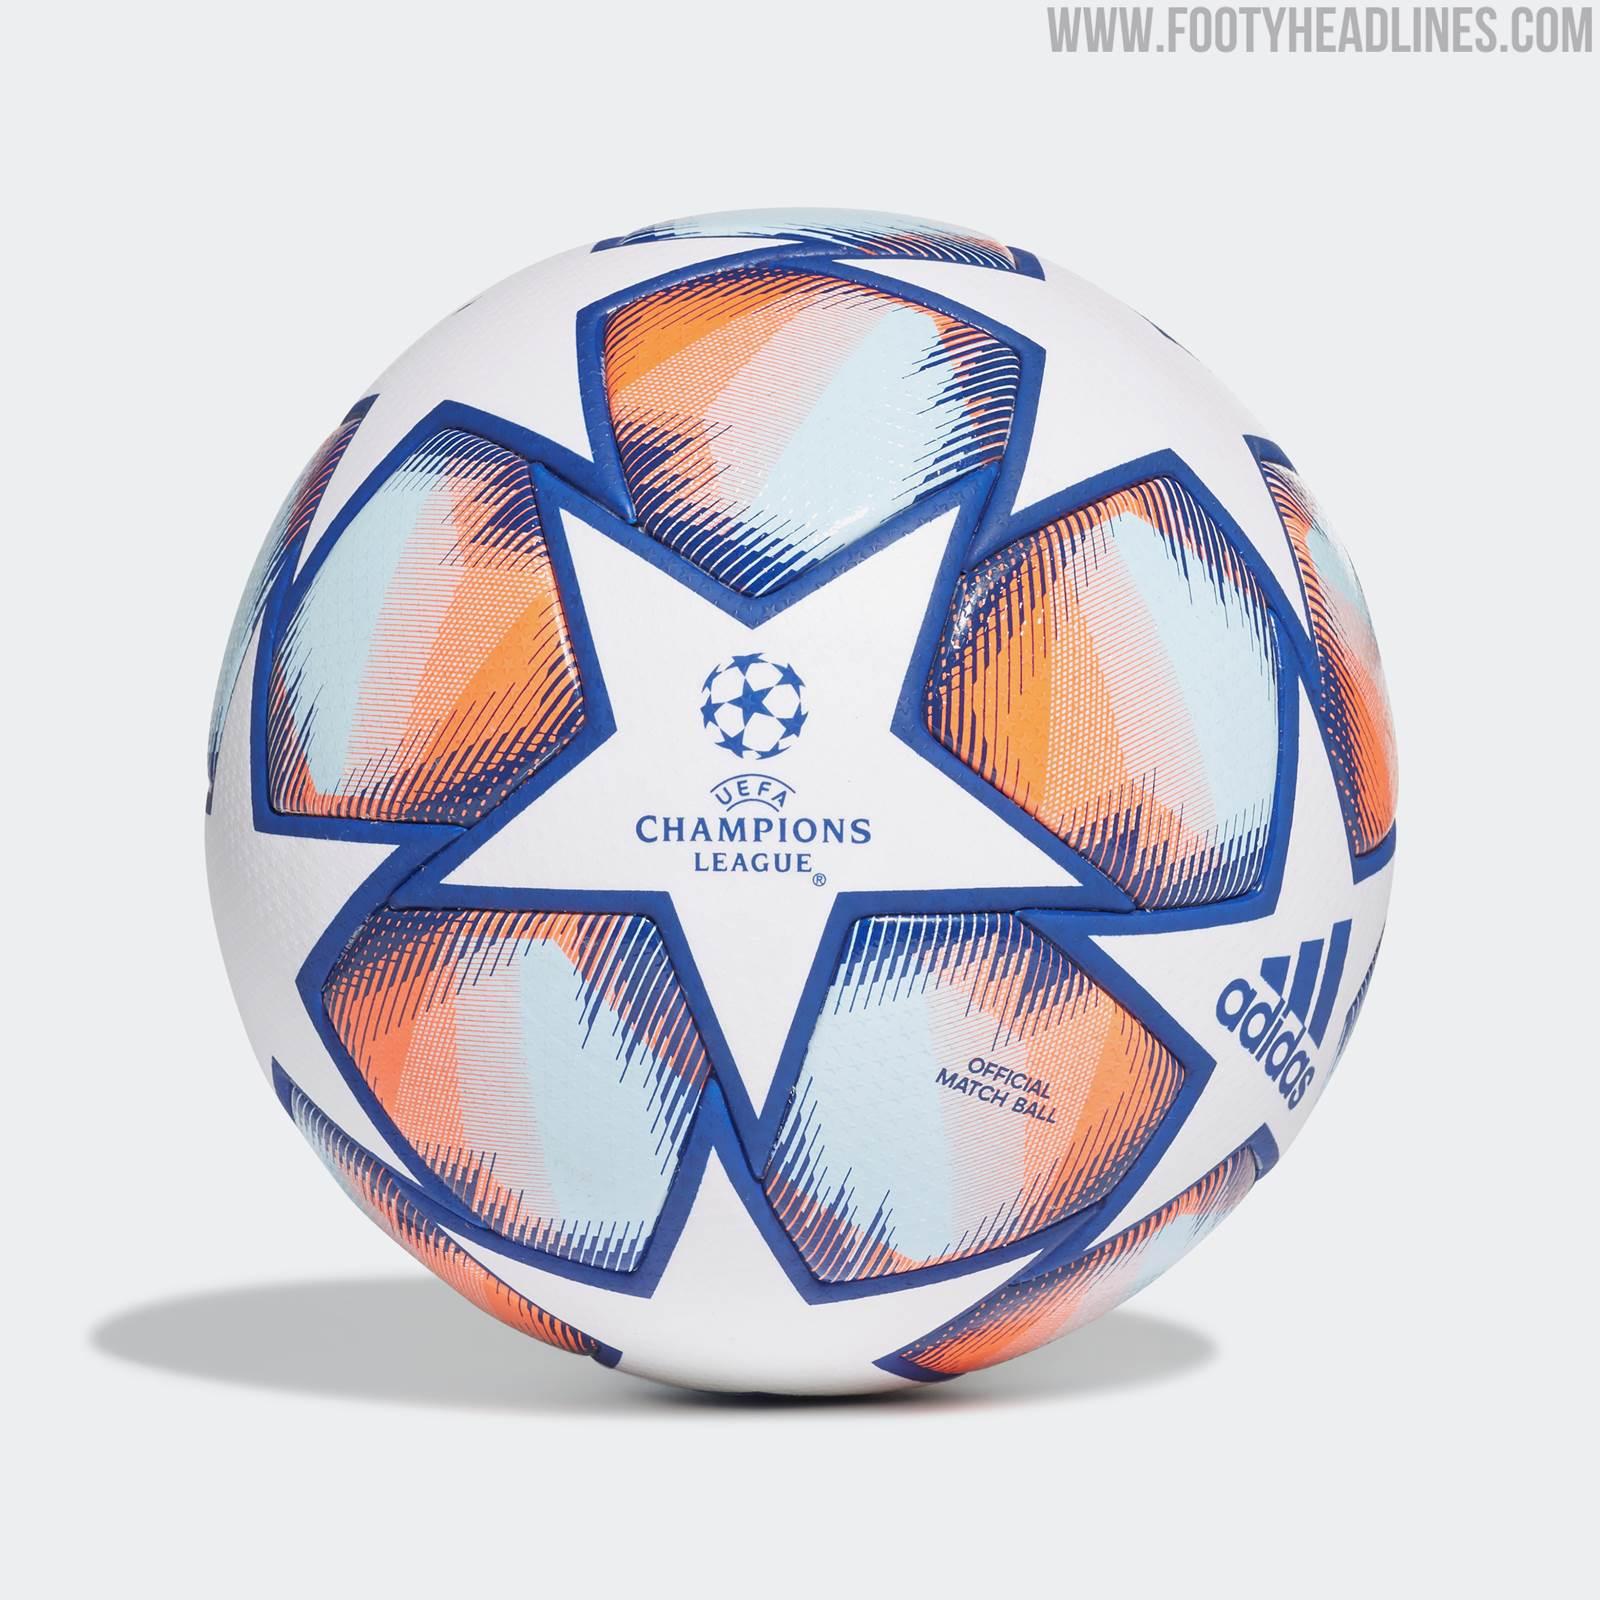 Champions League 20/21